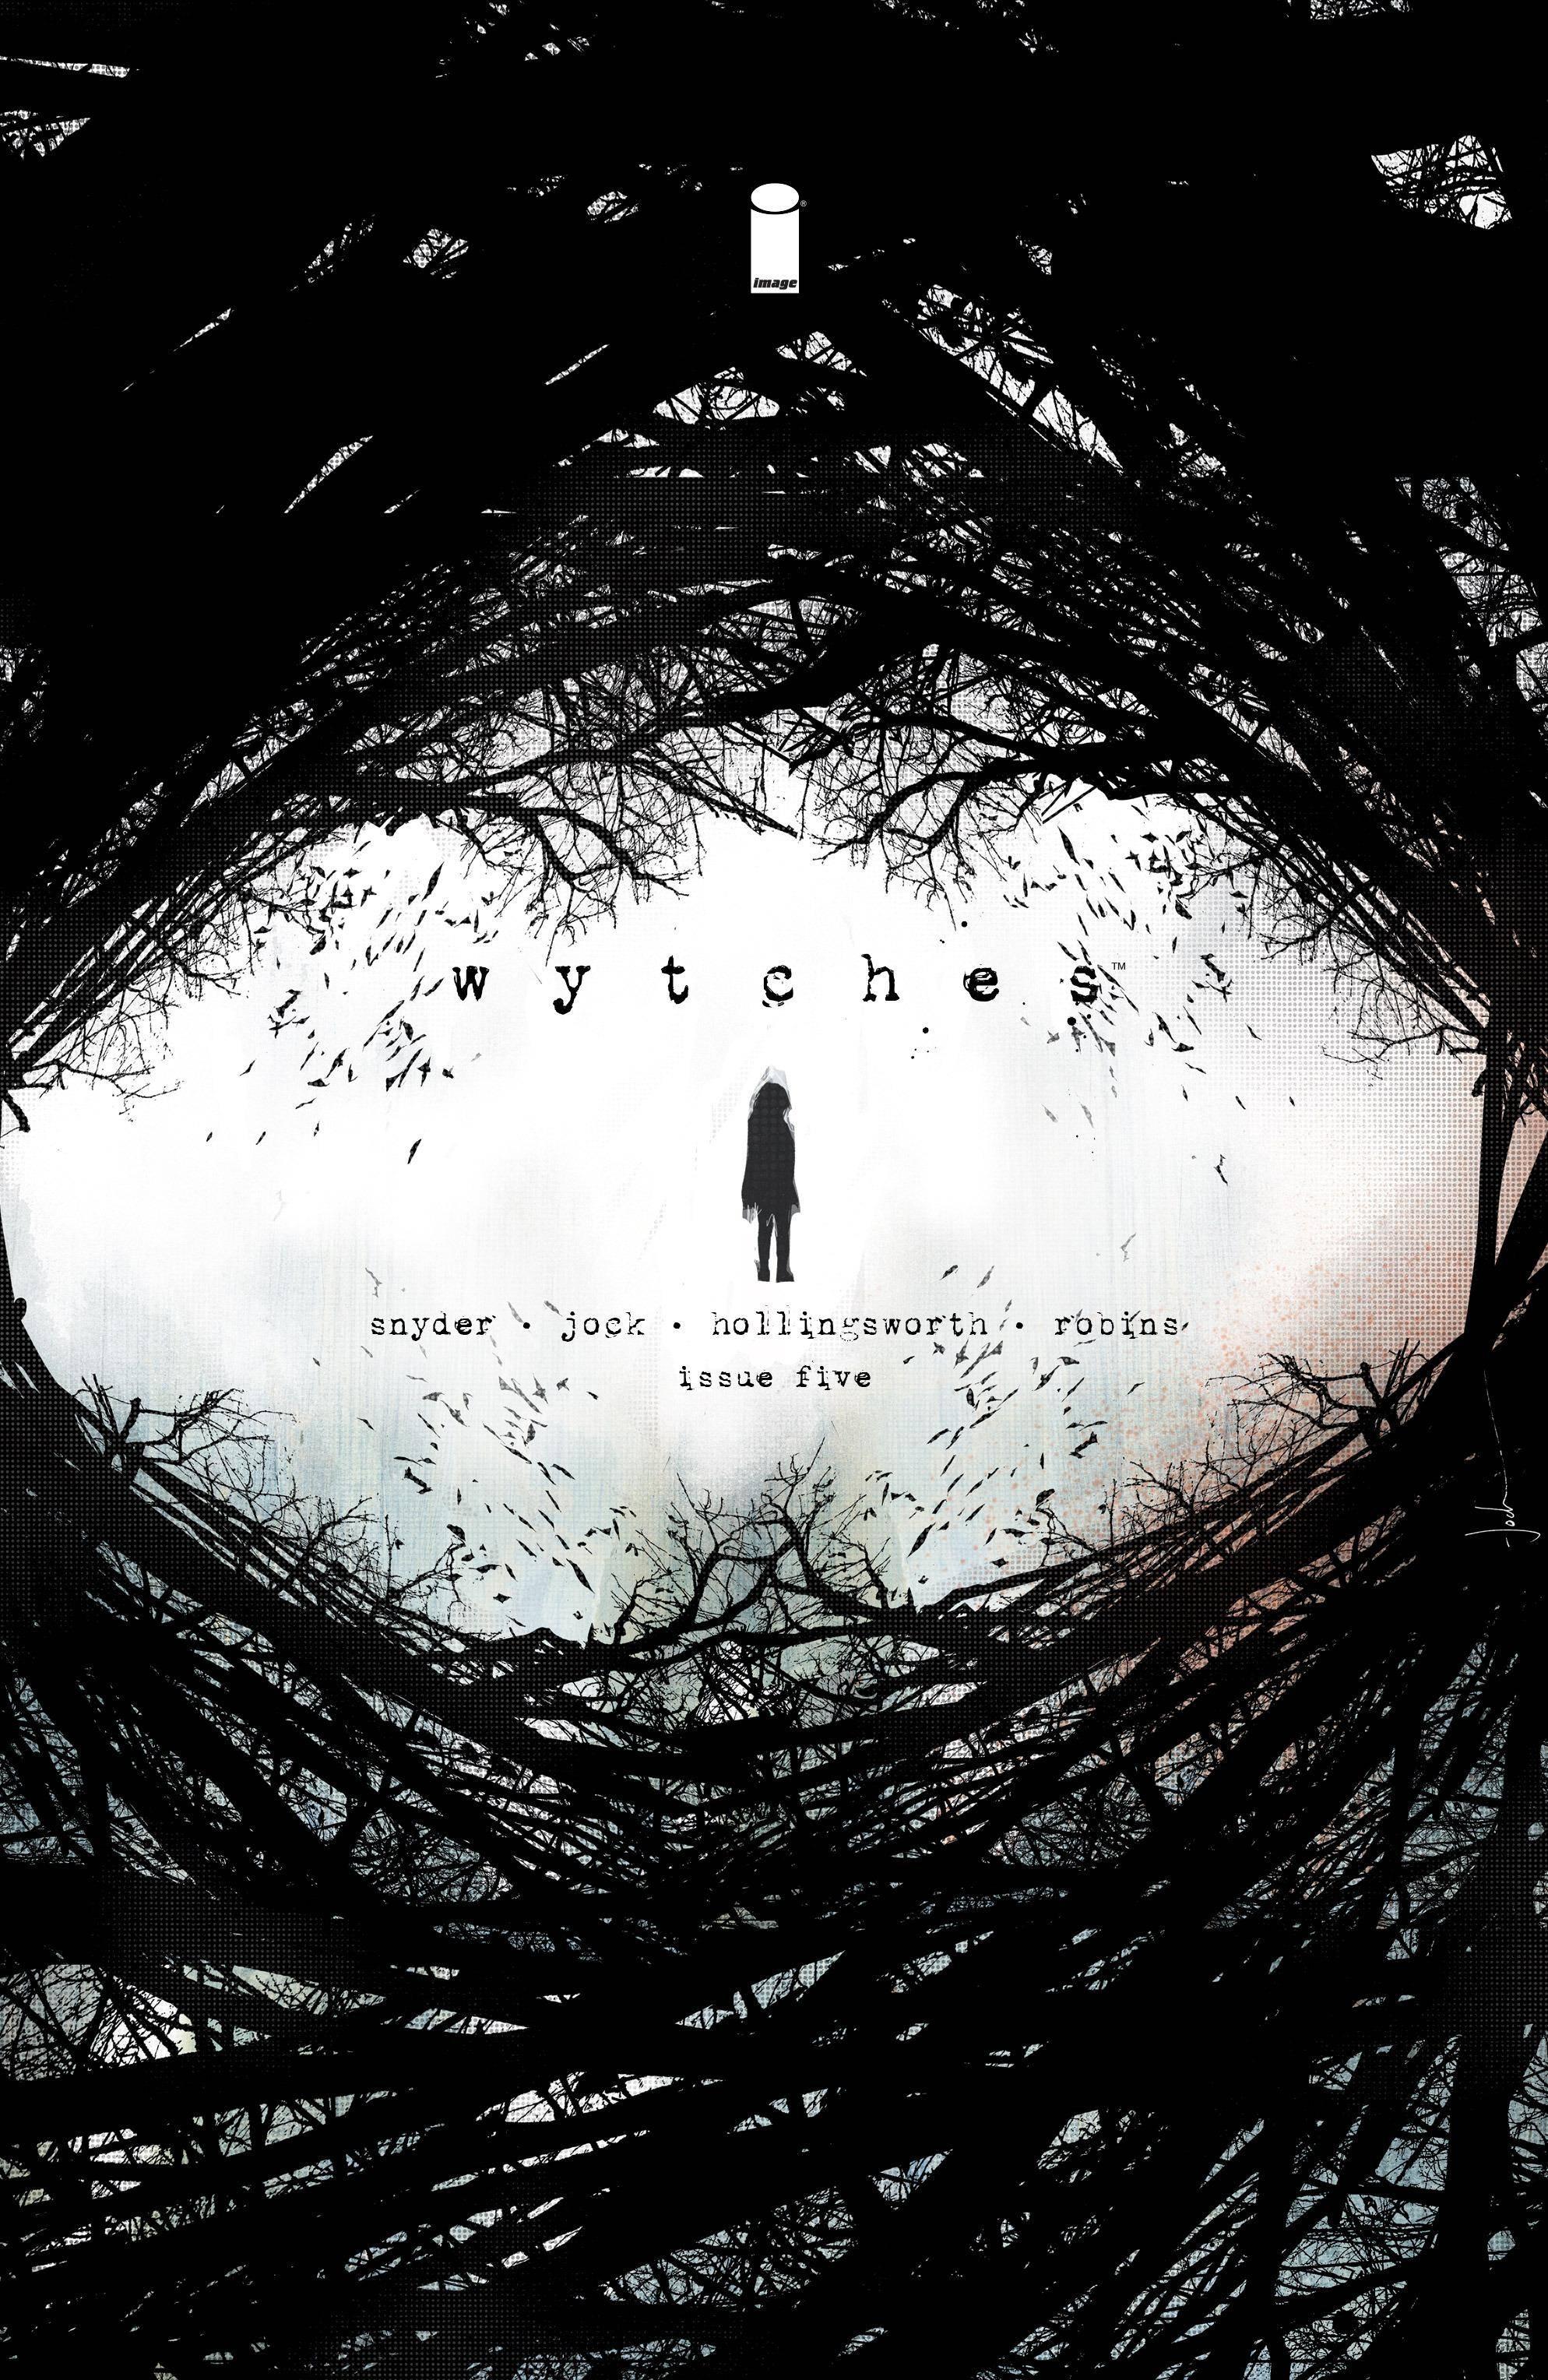 Wytches 005 (2015) (digital) (Minutemen-Slayer)